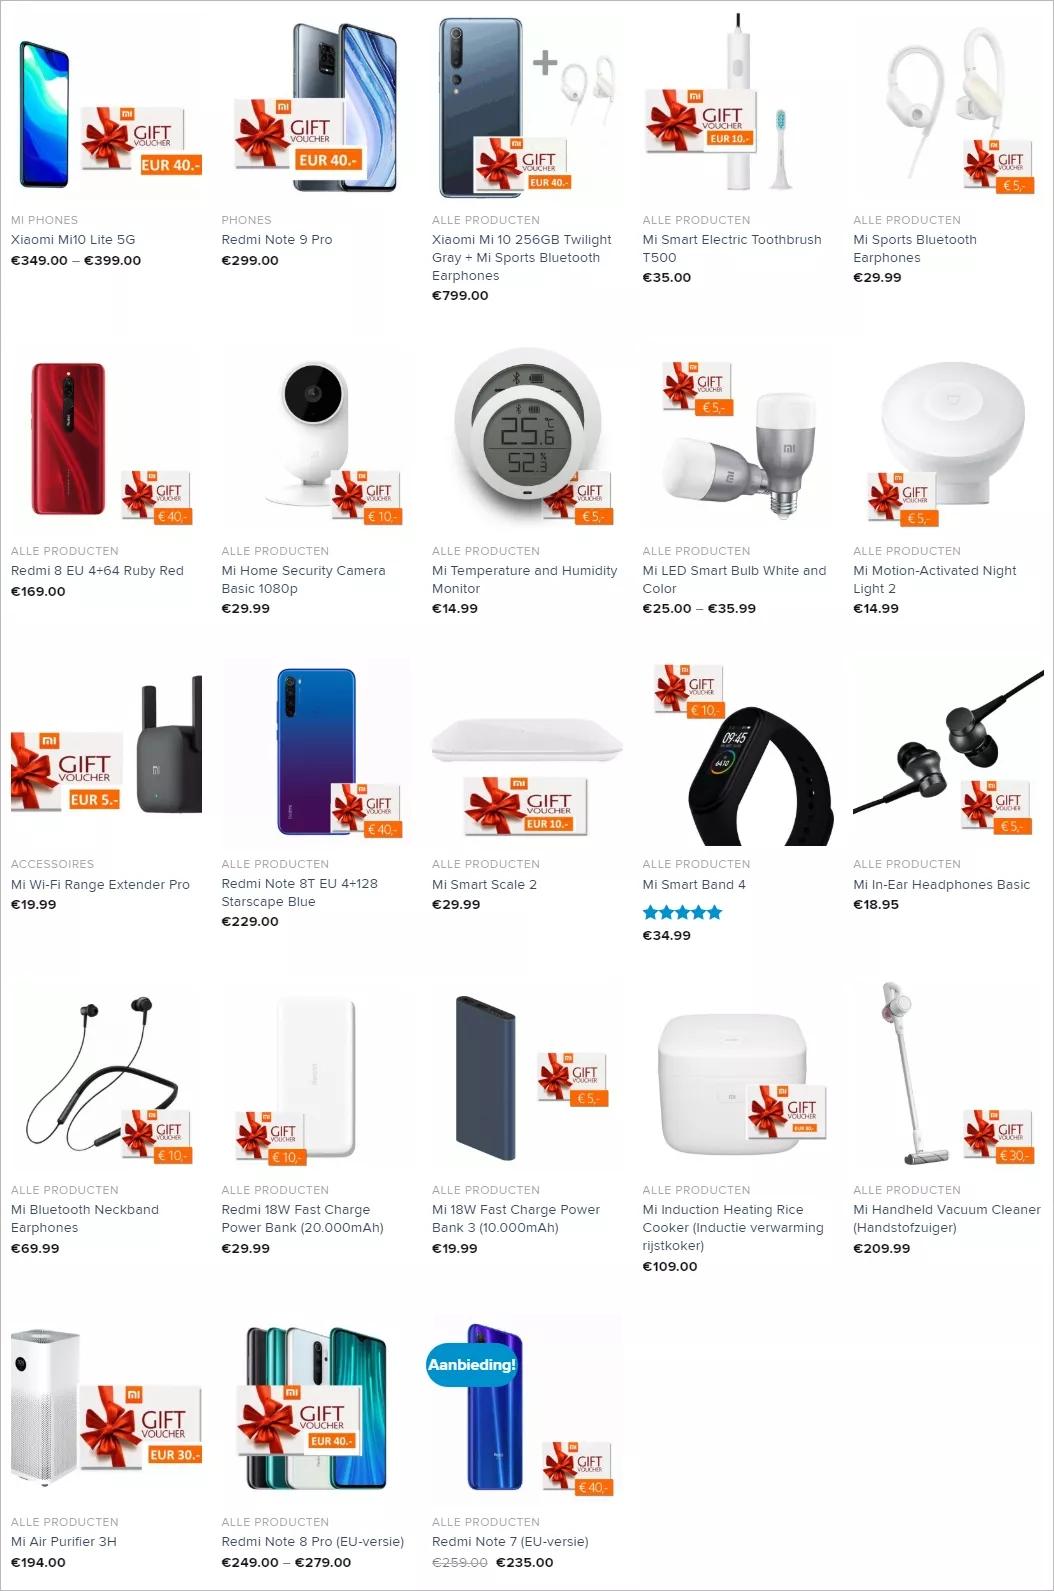 小米产品夏季促销,手环、体脂秤、电饭煲、小夜灯、Wifi放大器…价格美丽